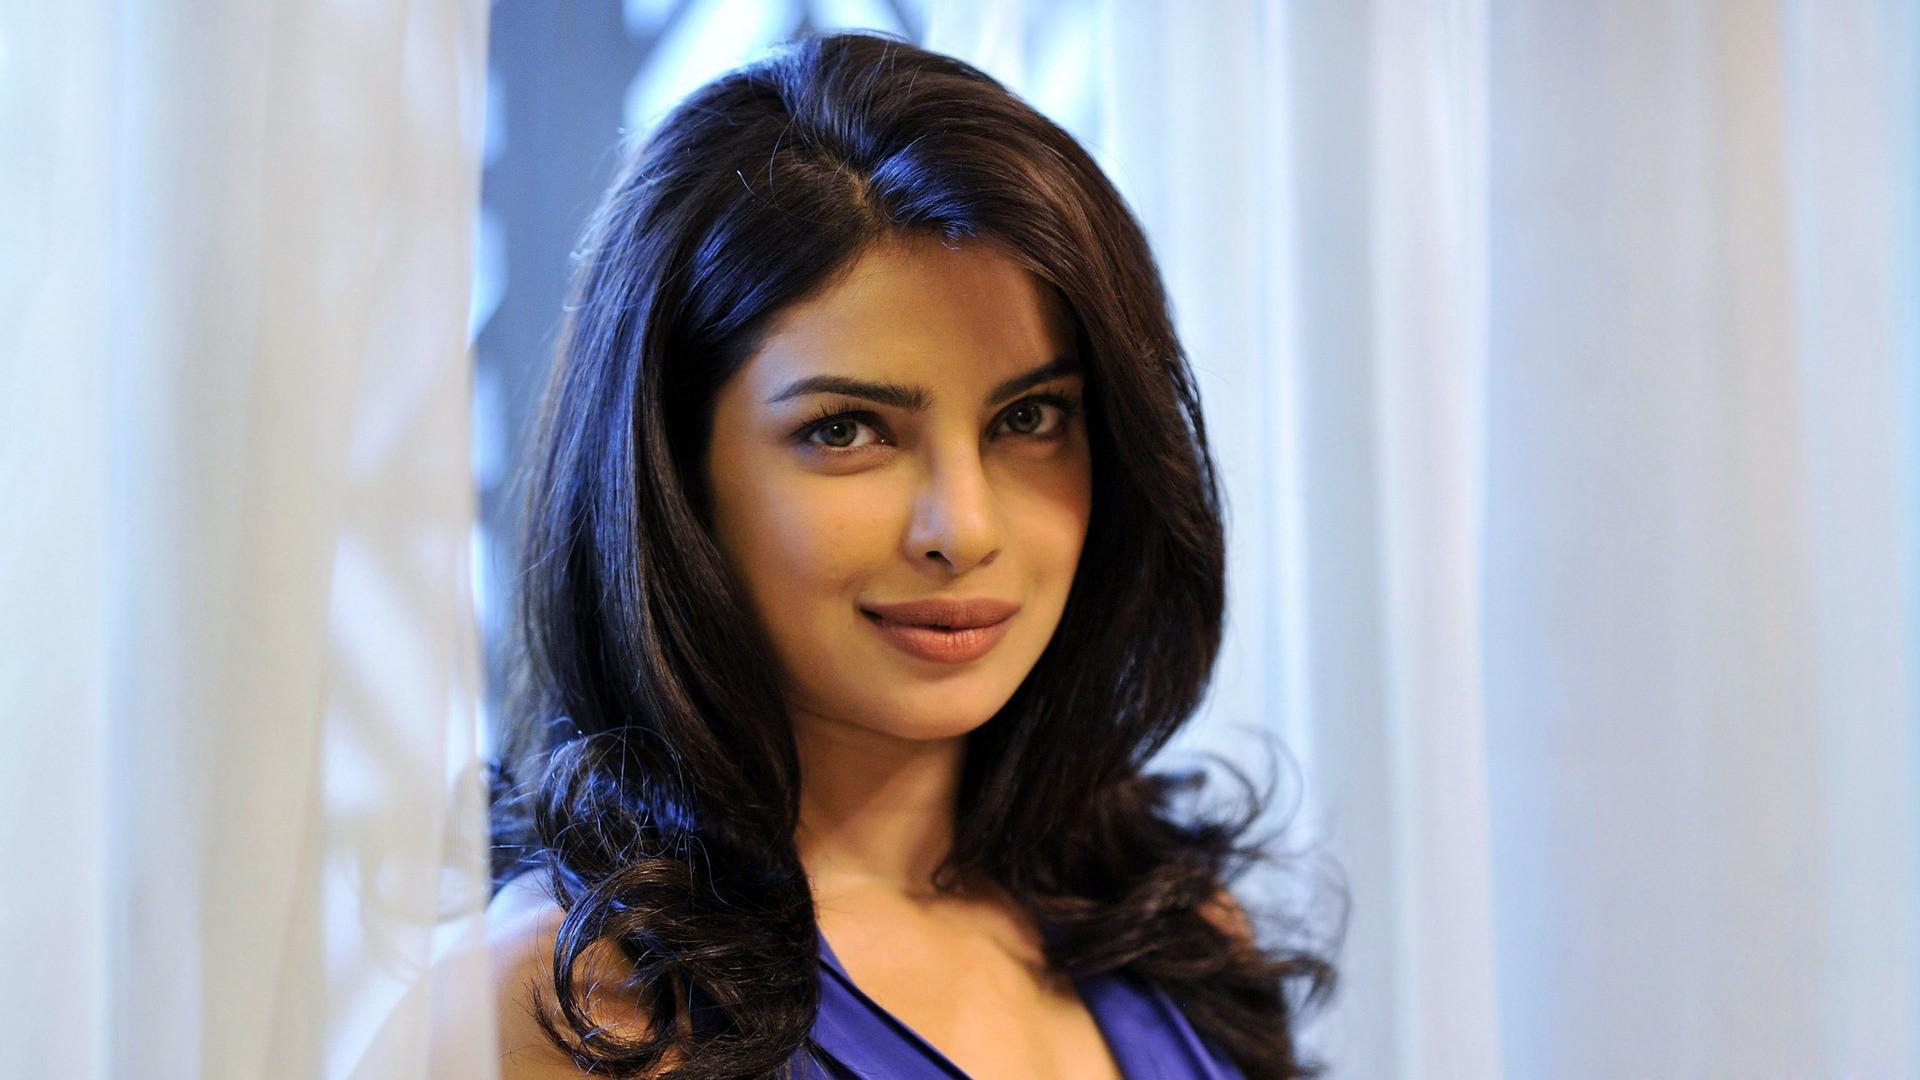 Priyanka Chopra Widescreen